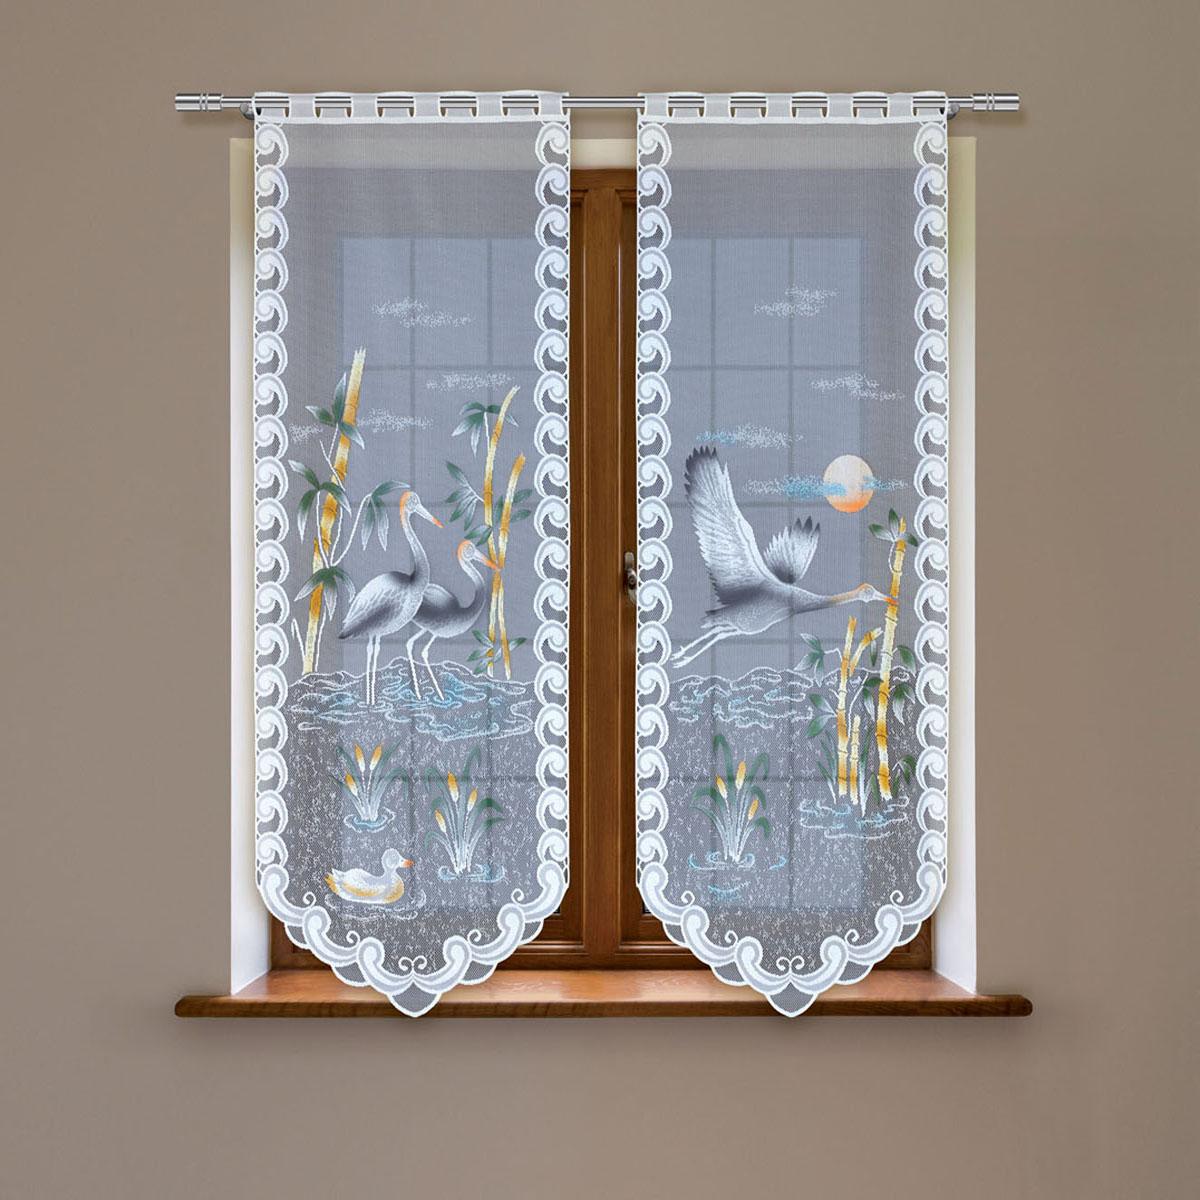 Гардина Haft, цвет: белый, высота 120 см. 4247D/60956251325Гардина имеет в верхней части полотна прорези, через которые гардина-витраж вывешивается на карниз или можно крепить на зажим для штор,котрый в комплект не входит.Комплект состоит из двух полотен (выс.120* шир.60) Размеры: (высота 120* ширина 60)*2